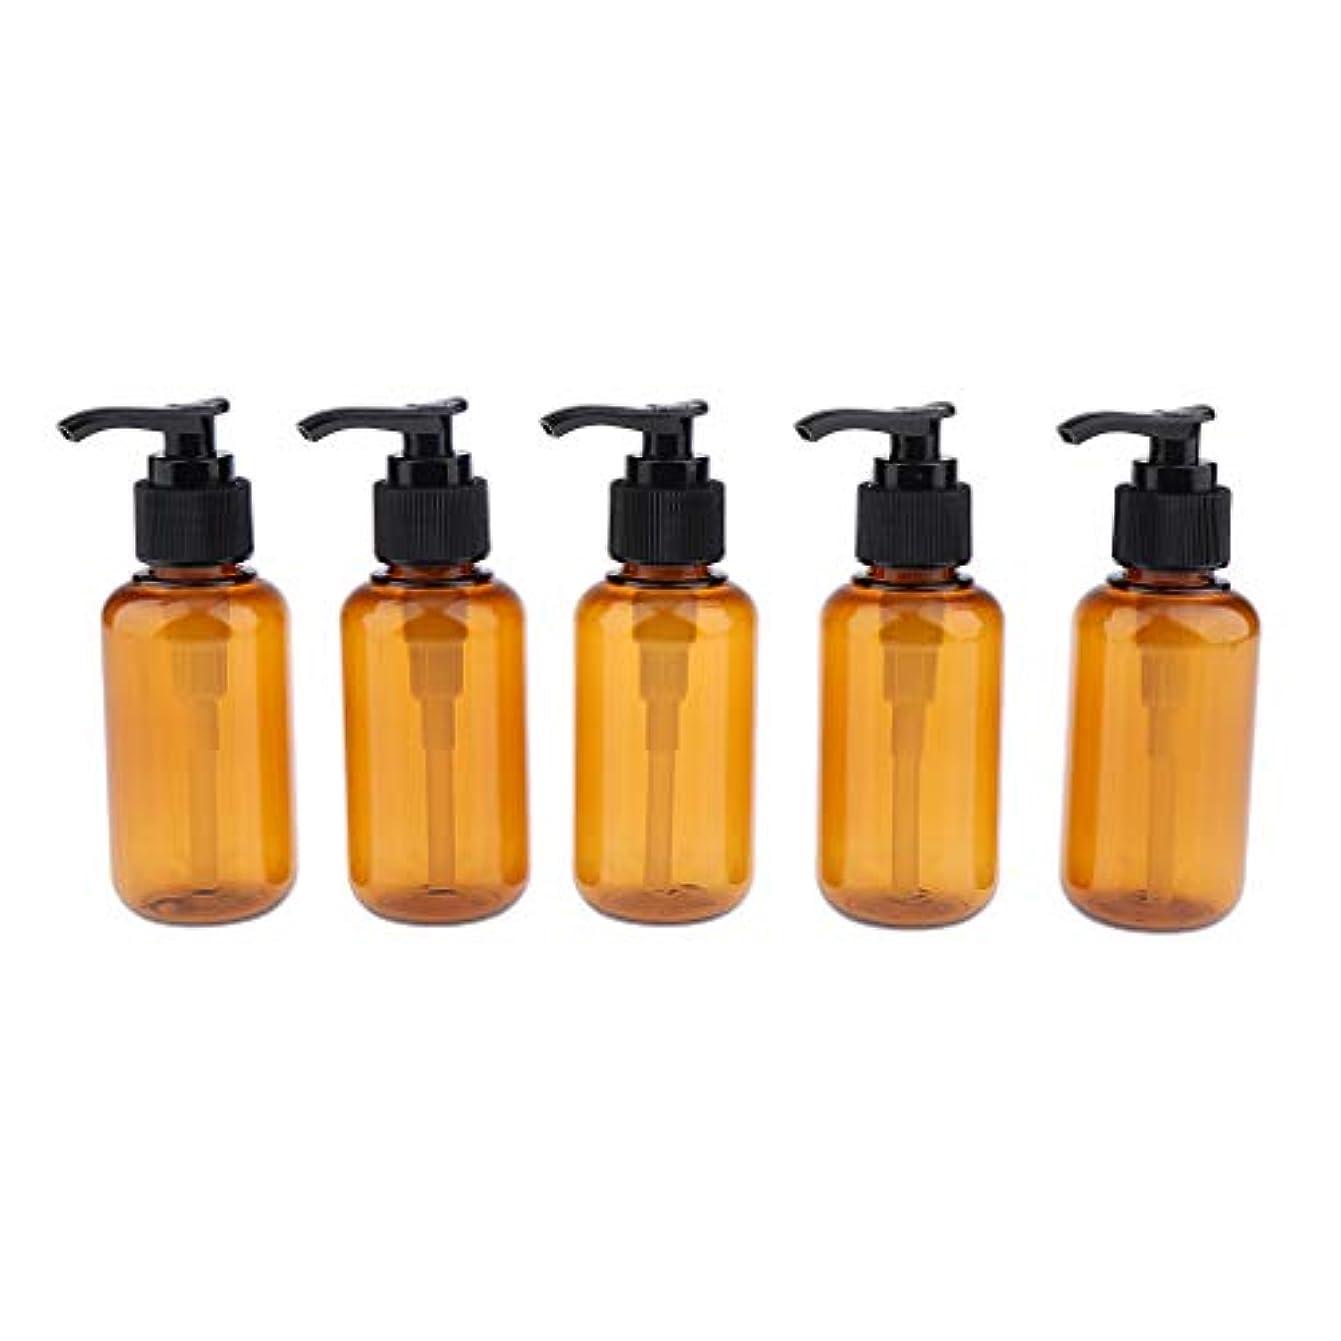 安西一般的に言えば普通に100/200/300ML ポンプボトル 空のボトル 詰替え容器 小分けボトル ディスペンサーボトル - 100ミリリットル